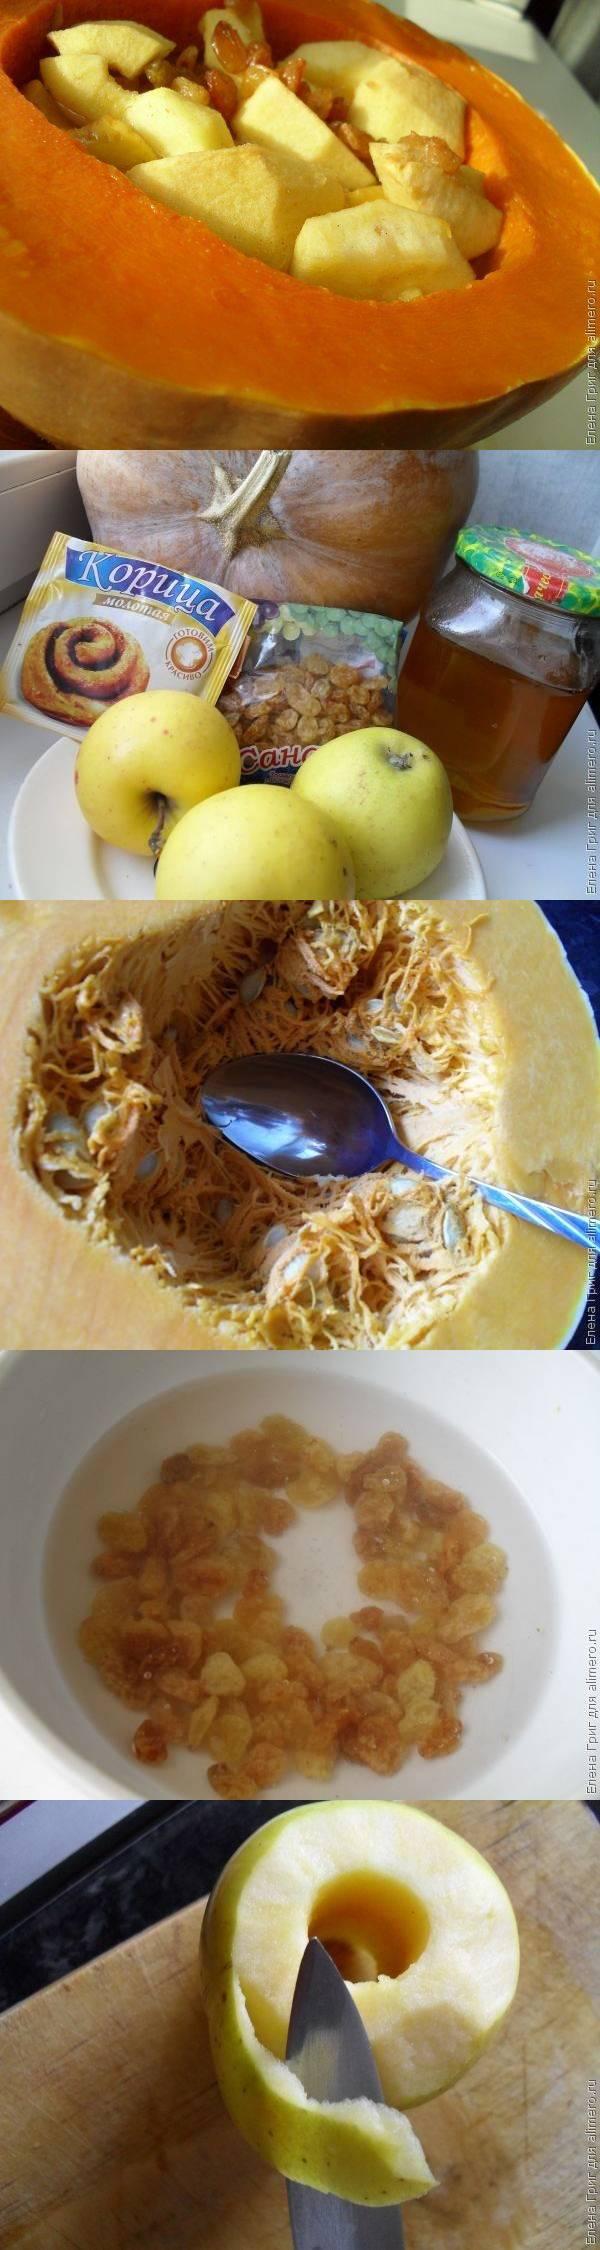 Яблоки в микроволновке рецепты пошагово